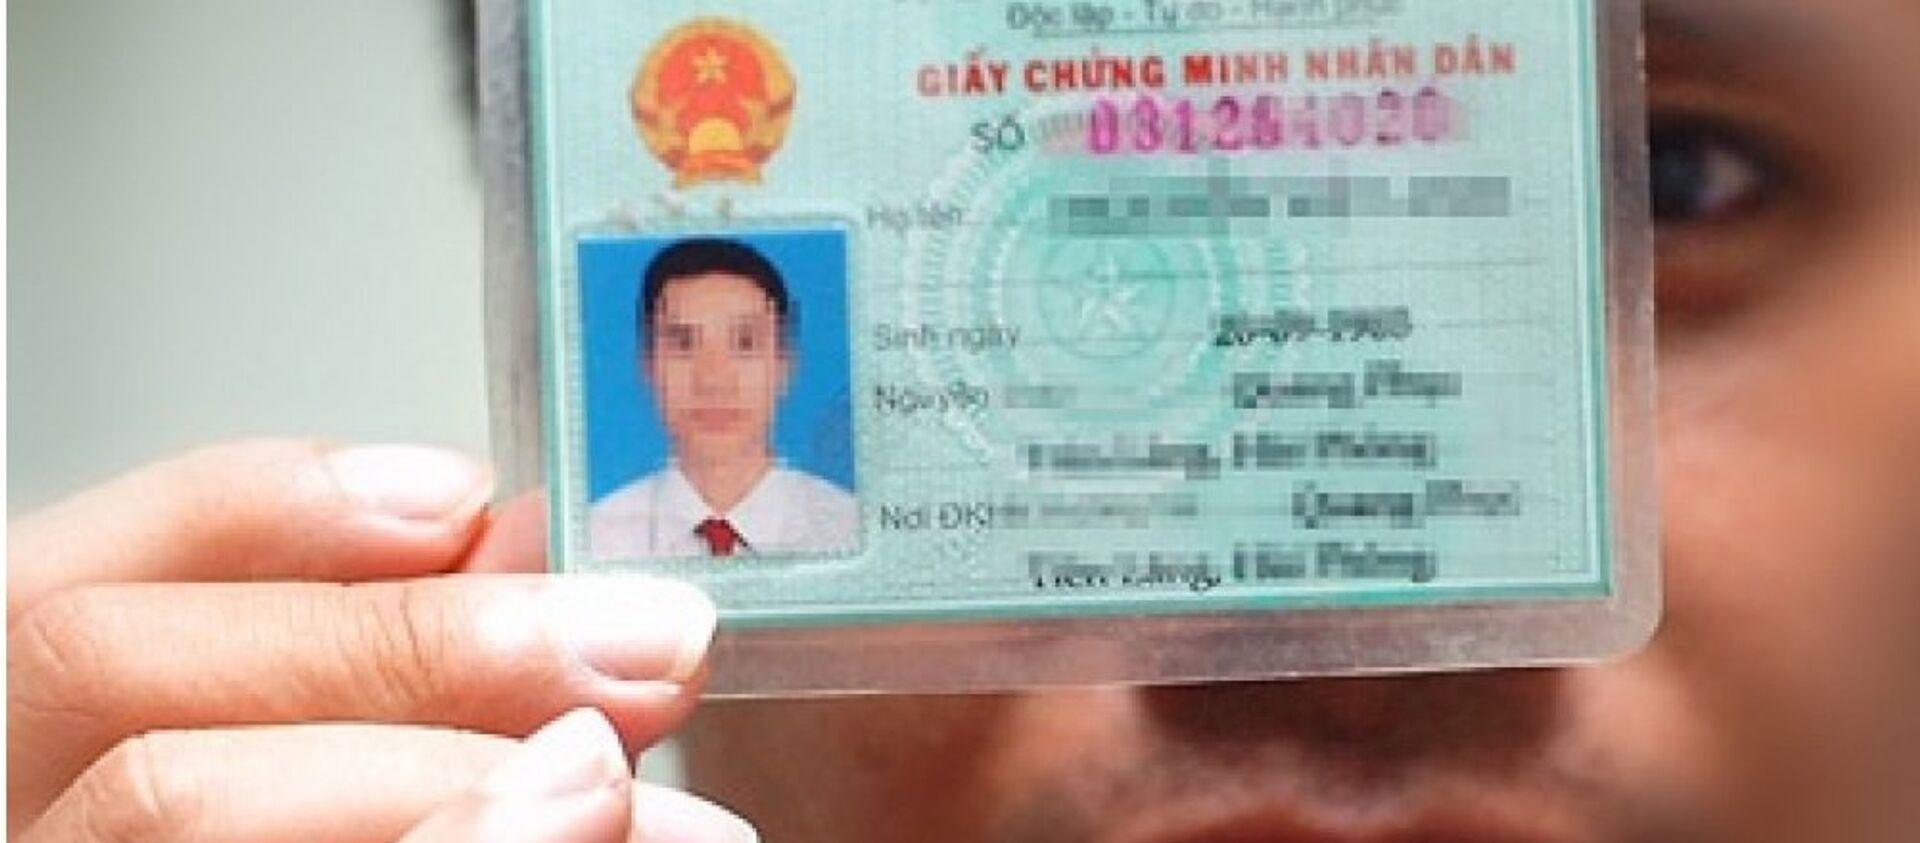 Chứng minh thư hay thẻ căn cước công dân là giấy tờ tùy thân quan trọng - Sputnik Việt Nam, 1920, 17.11.2019